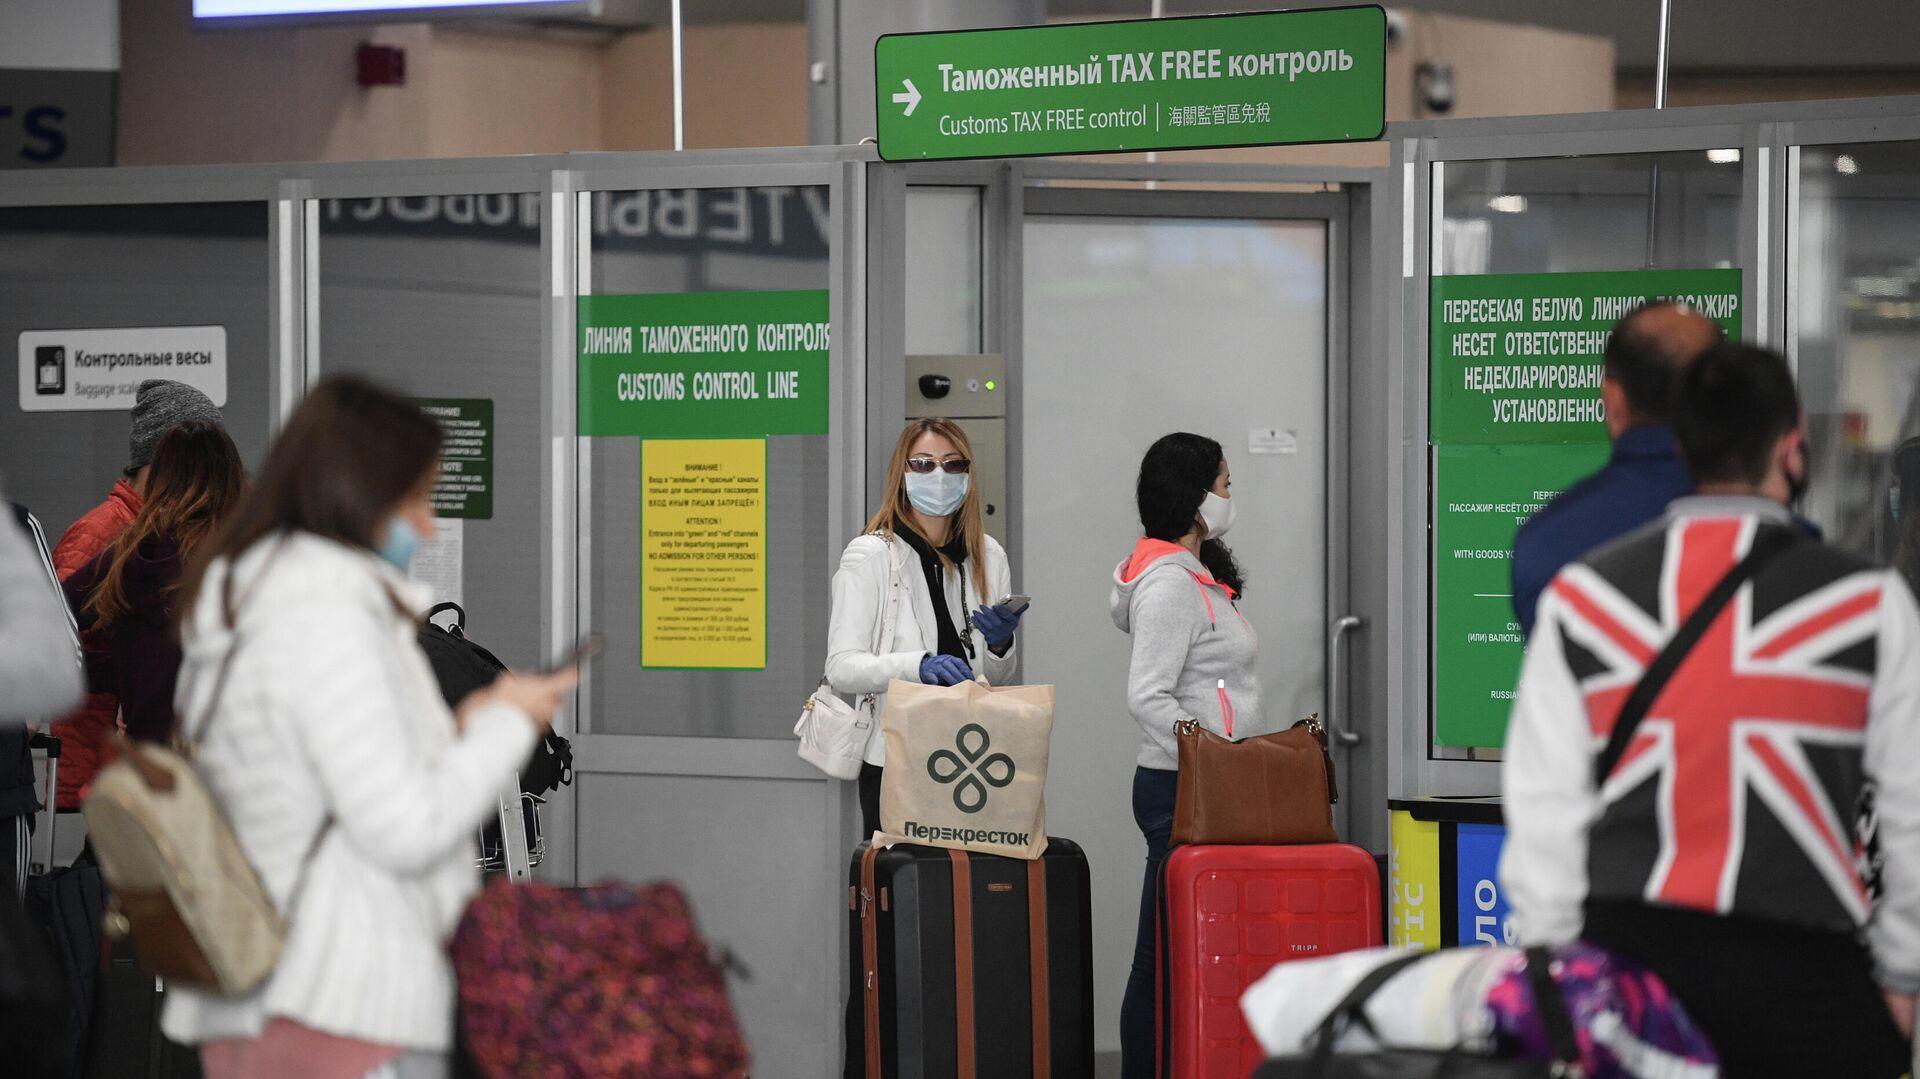 Пассажиры в аэропорту Шереметьево в Москве - РИА Новости, 1920, 14.01.2021